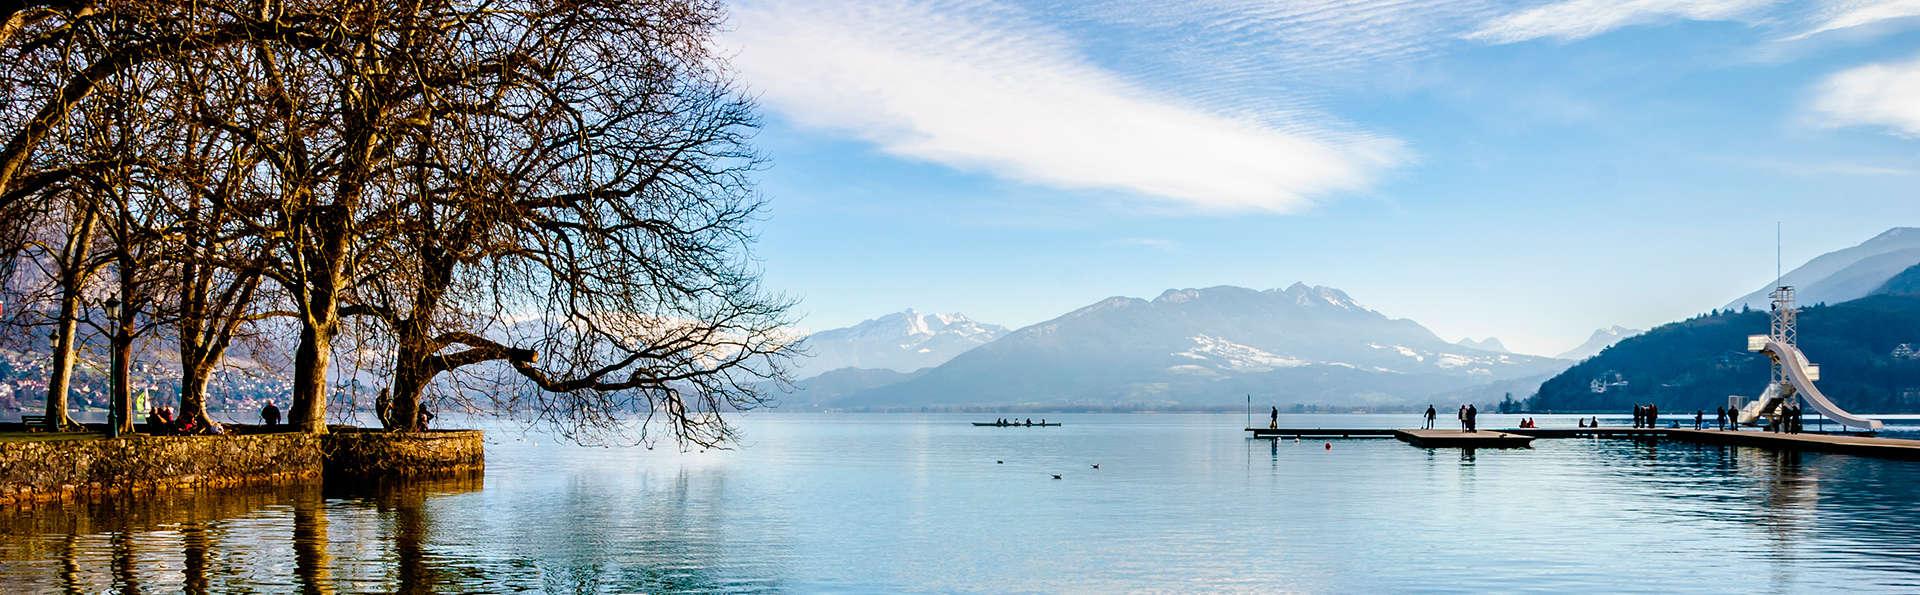 Séjour bien-être avec accès spa et vue exceptionnelle sur le lac d'Annecy